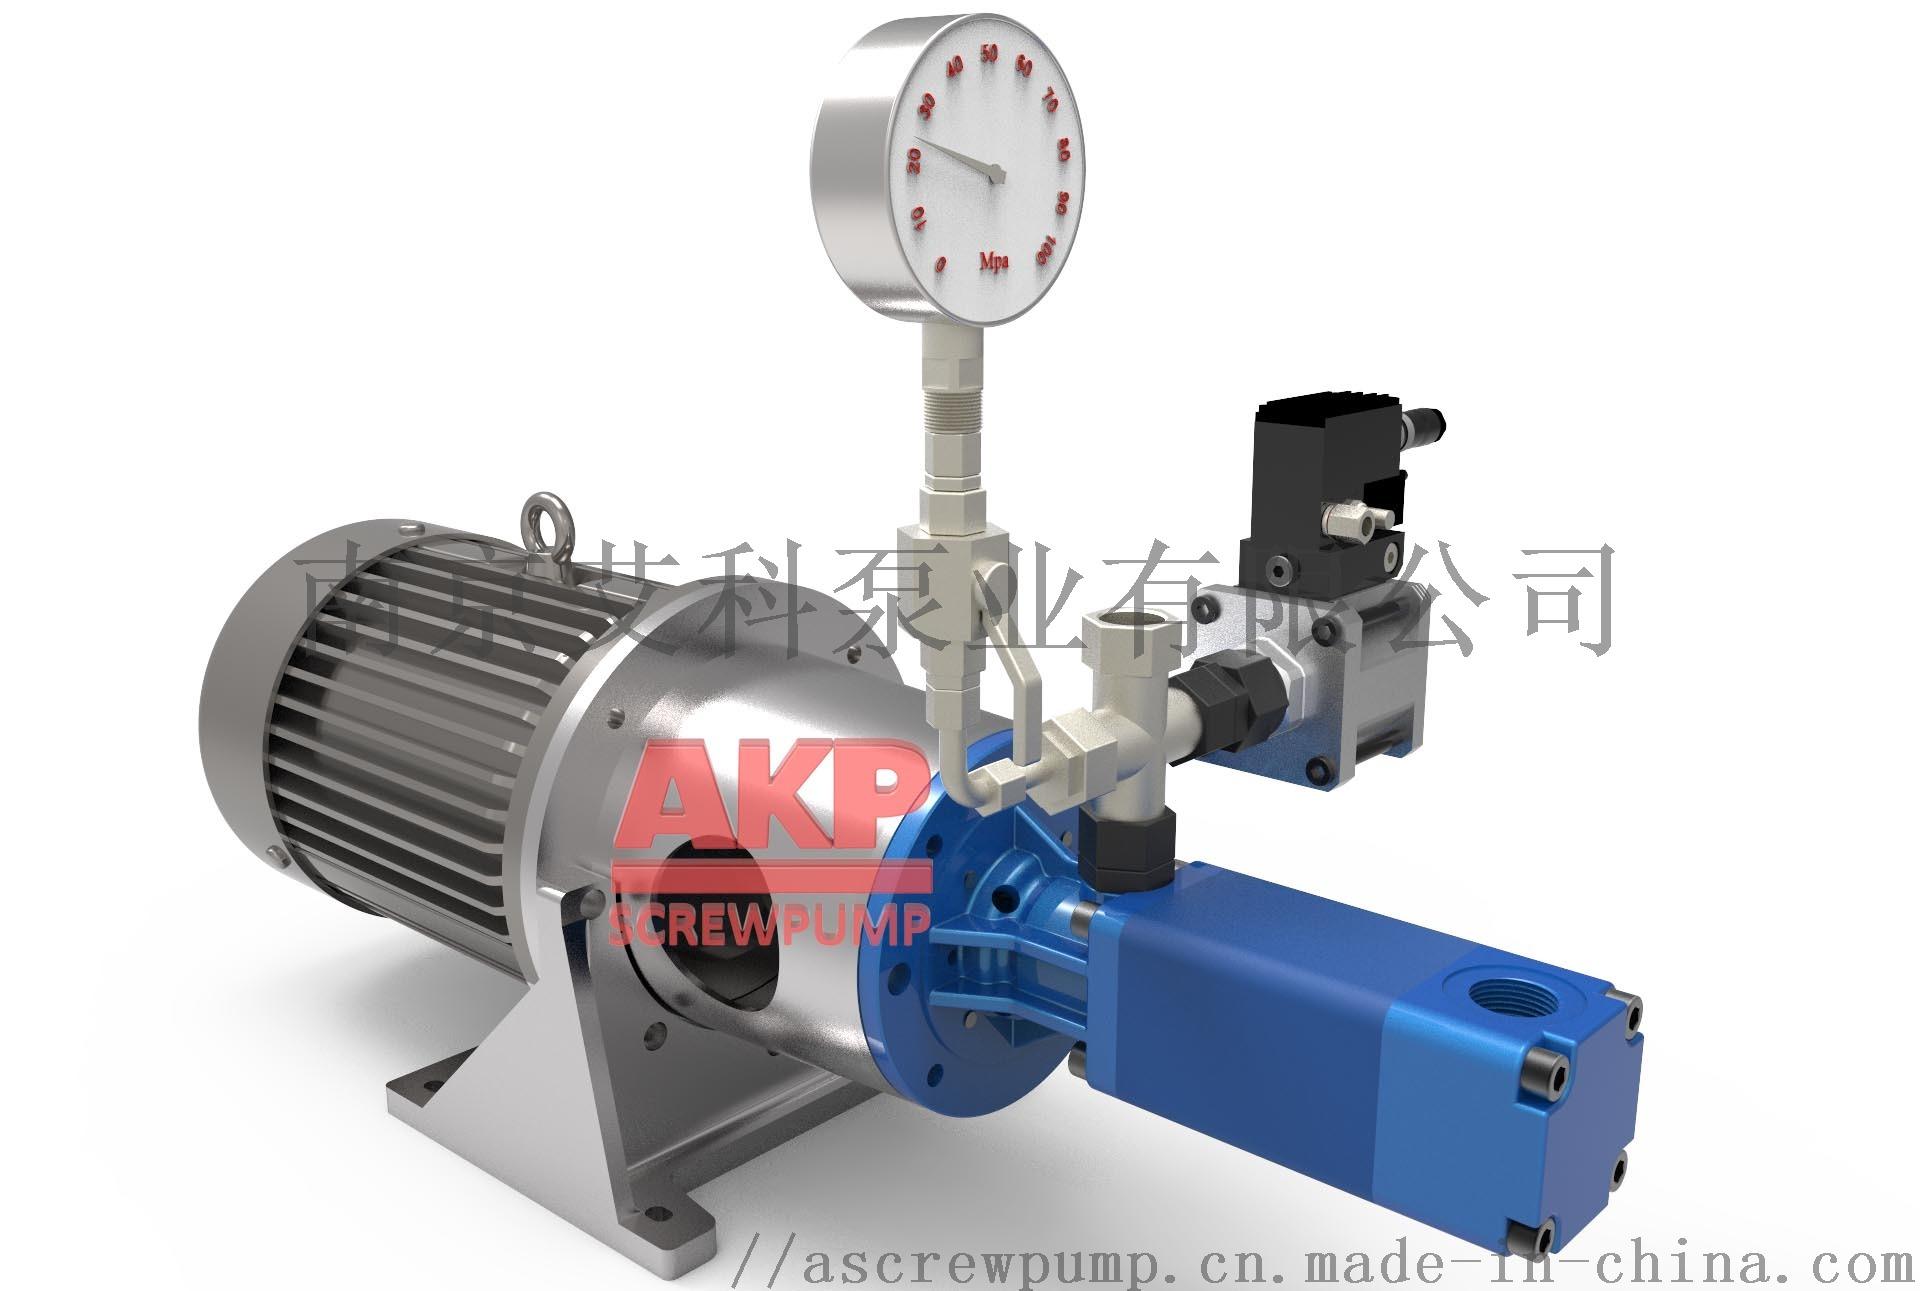 高压机床冷却泵ATS25-50-S-L-A-G-KB 流量31.6升每分钟压力70bar主轴中心出水刀具冷却排屑断屑现货配套供应卧式加工中心790998055